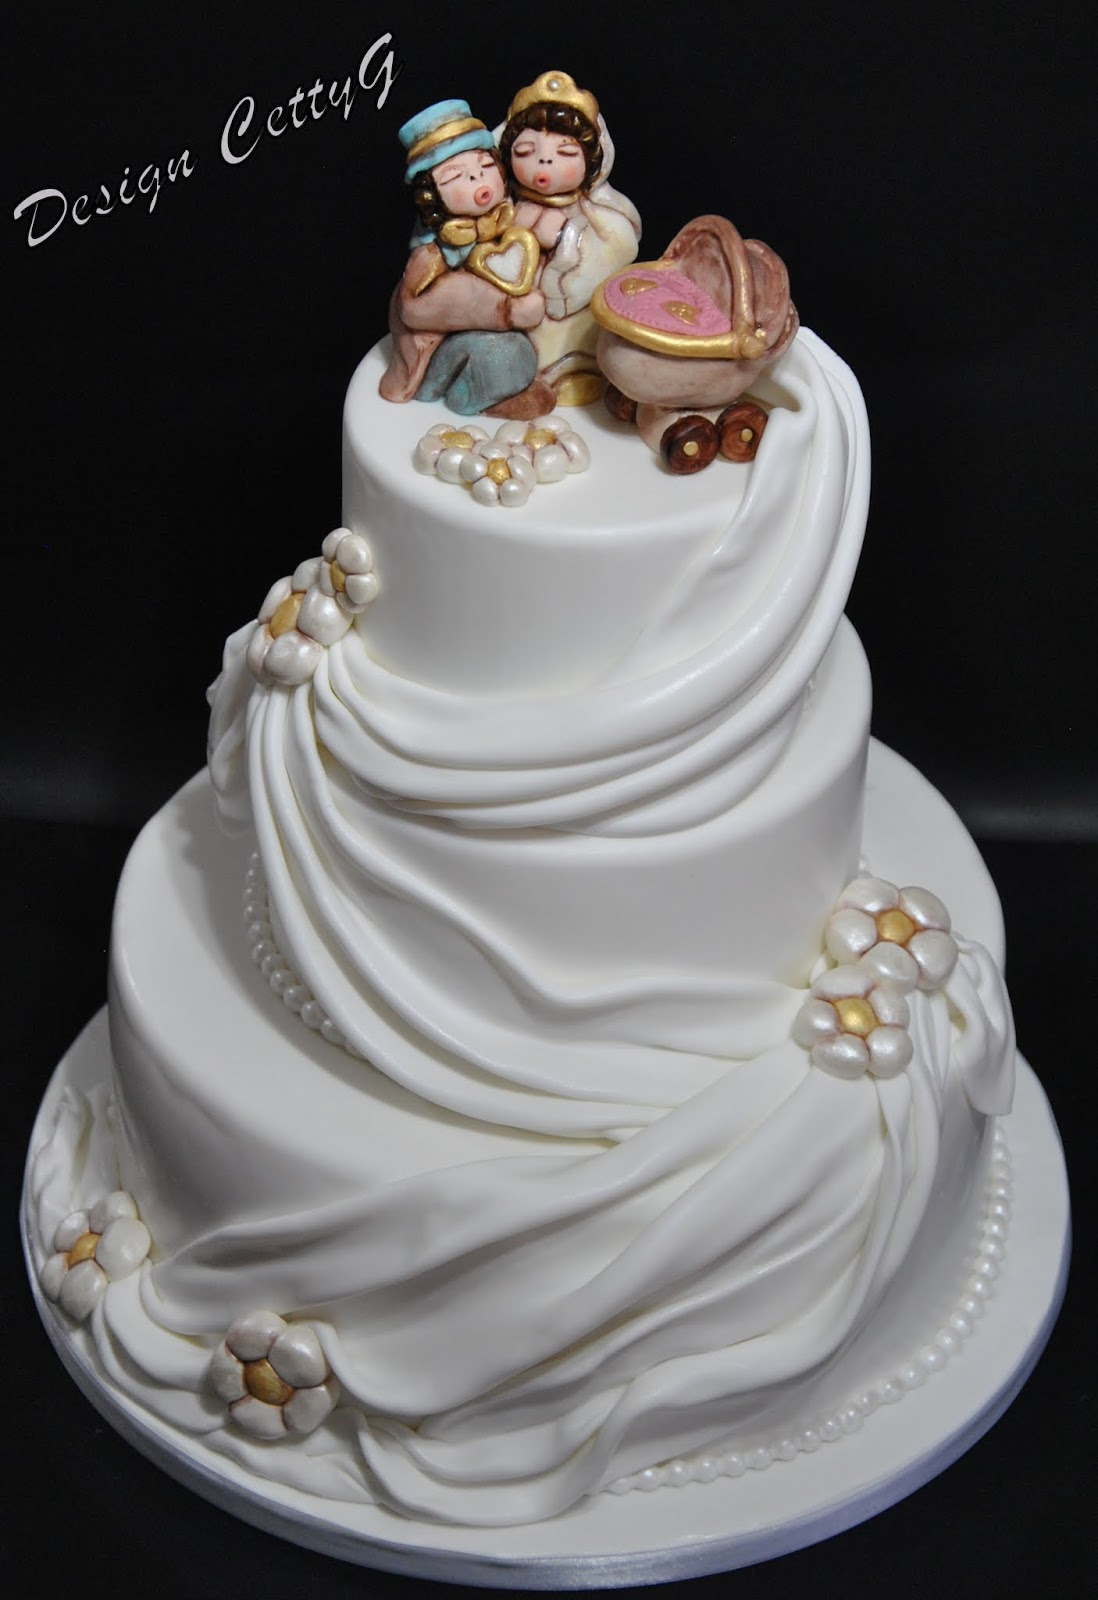 Estremamente Le torte decorate di Cetty G: Wedding cake stile thun. MX83